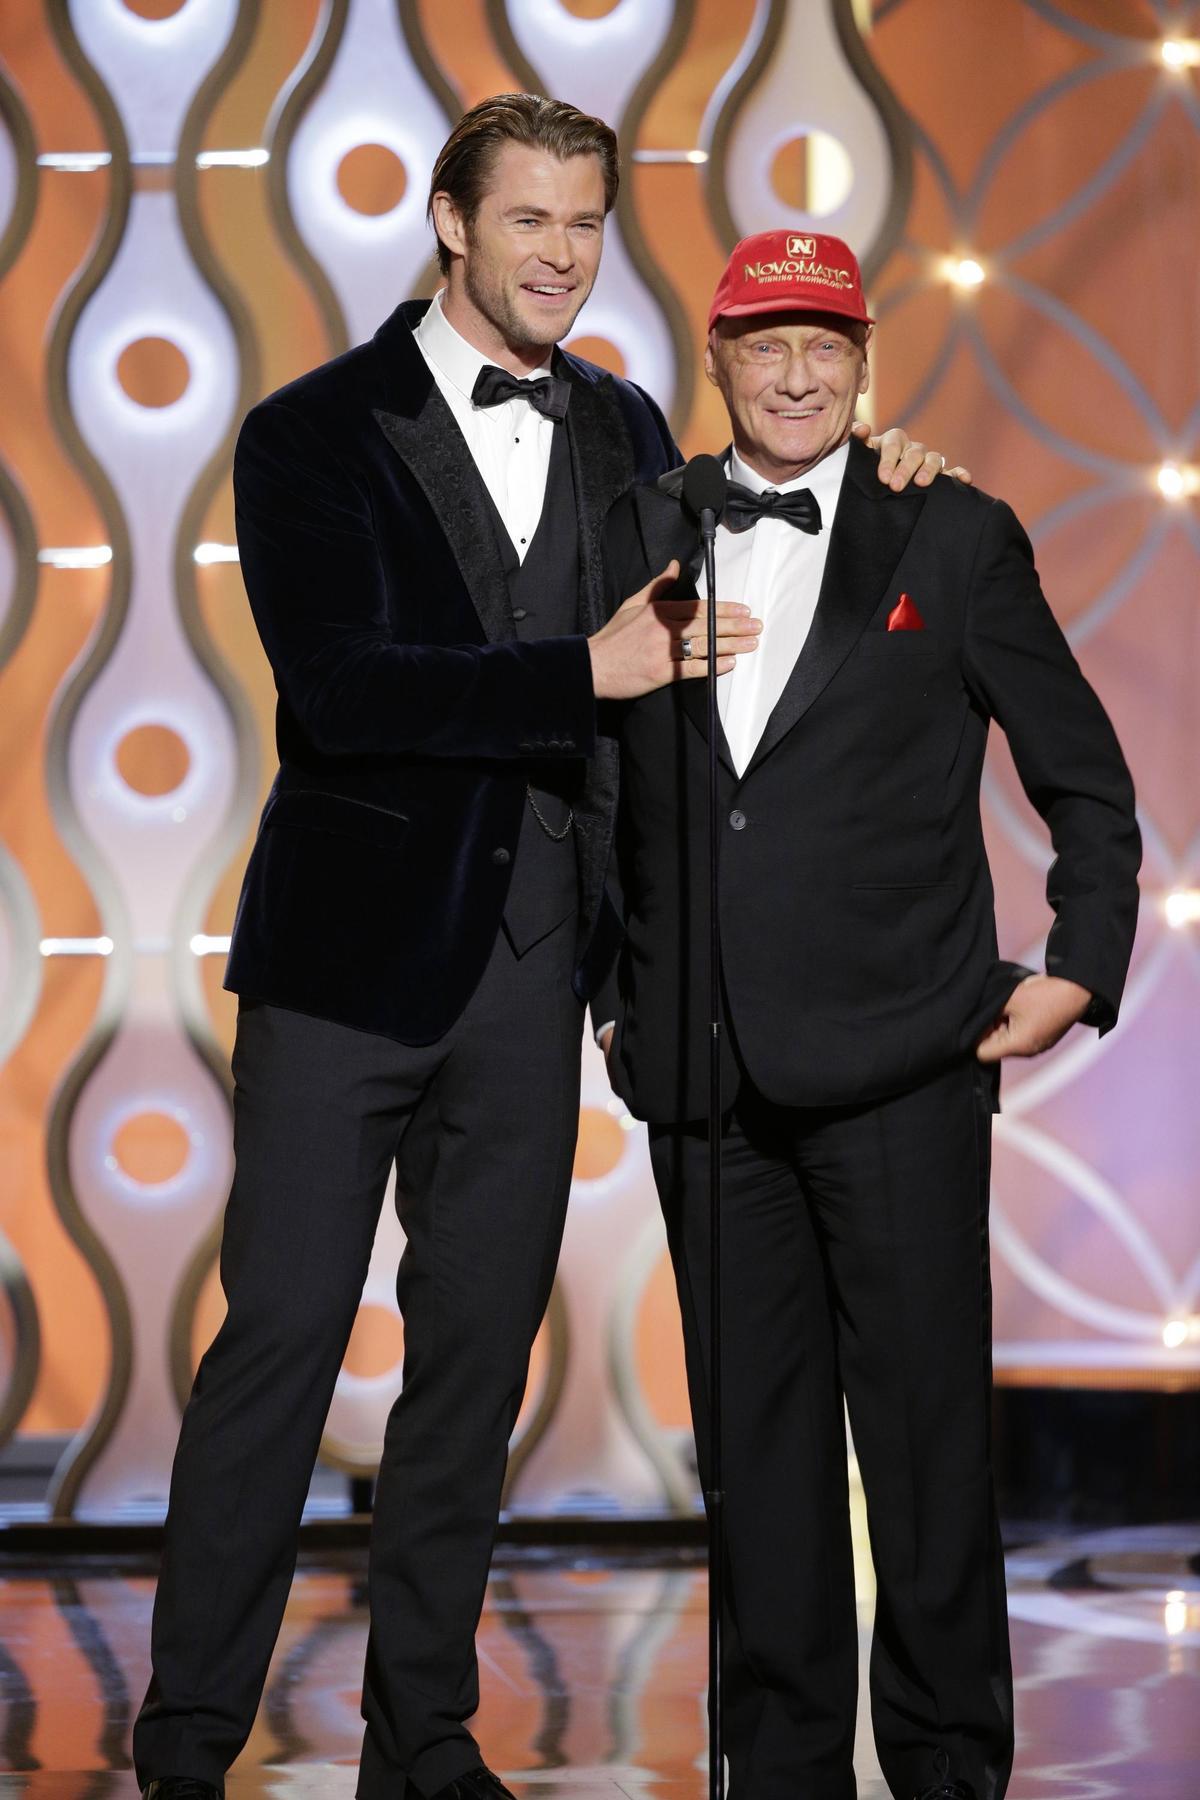 第71屆金球獎勞達(右)與飾演詹姆斯亨特的克里斯漢斯沃(左)上台頒獎。(東方IC)